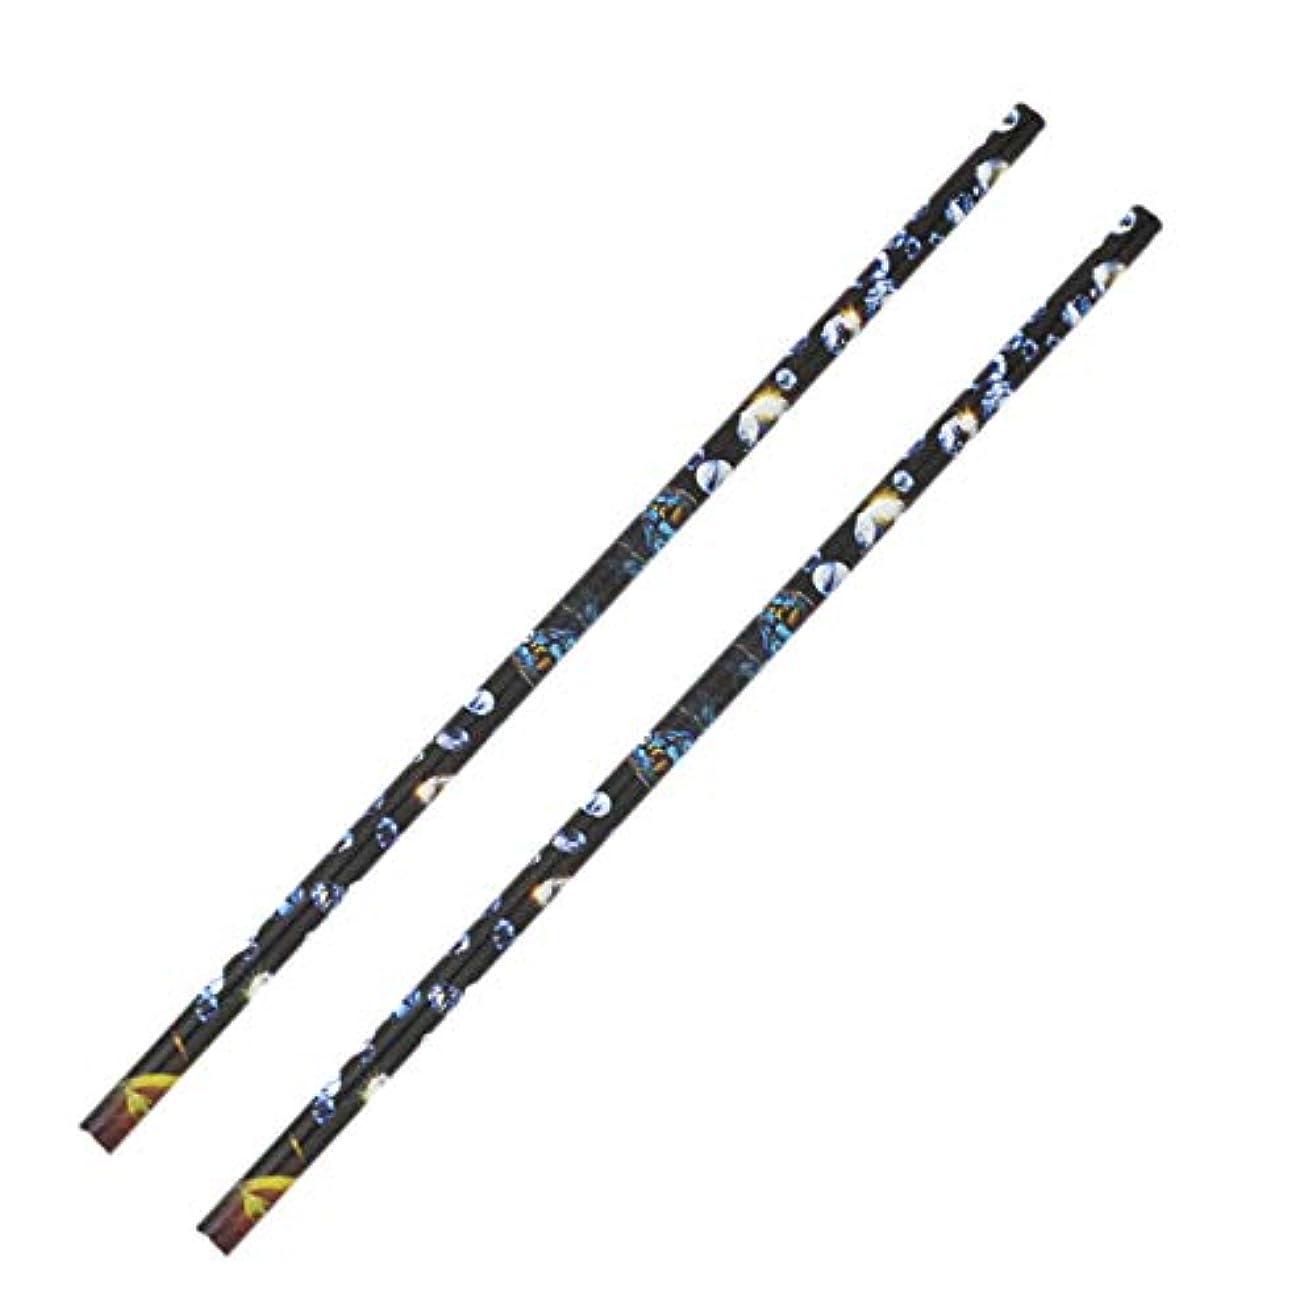 バスト経験処分したACAMPTAR 2個 クリスタル ラインストーン ピッカー鉛筆ネイルアートクラフト装飾ツール ワックスペンDIYスティッキードリルクレヨンラインストーンスティックドリルペン マニキュアツール